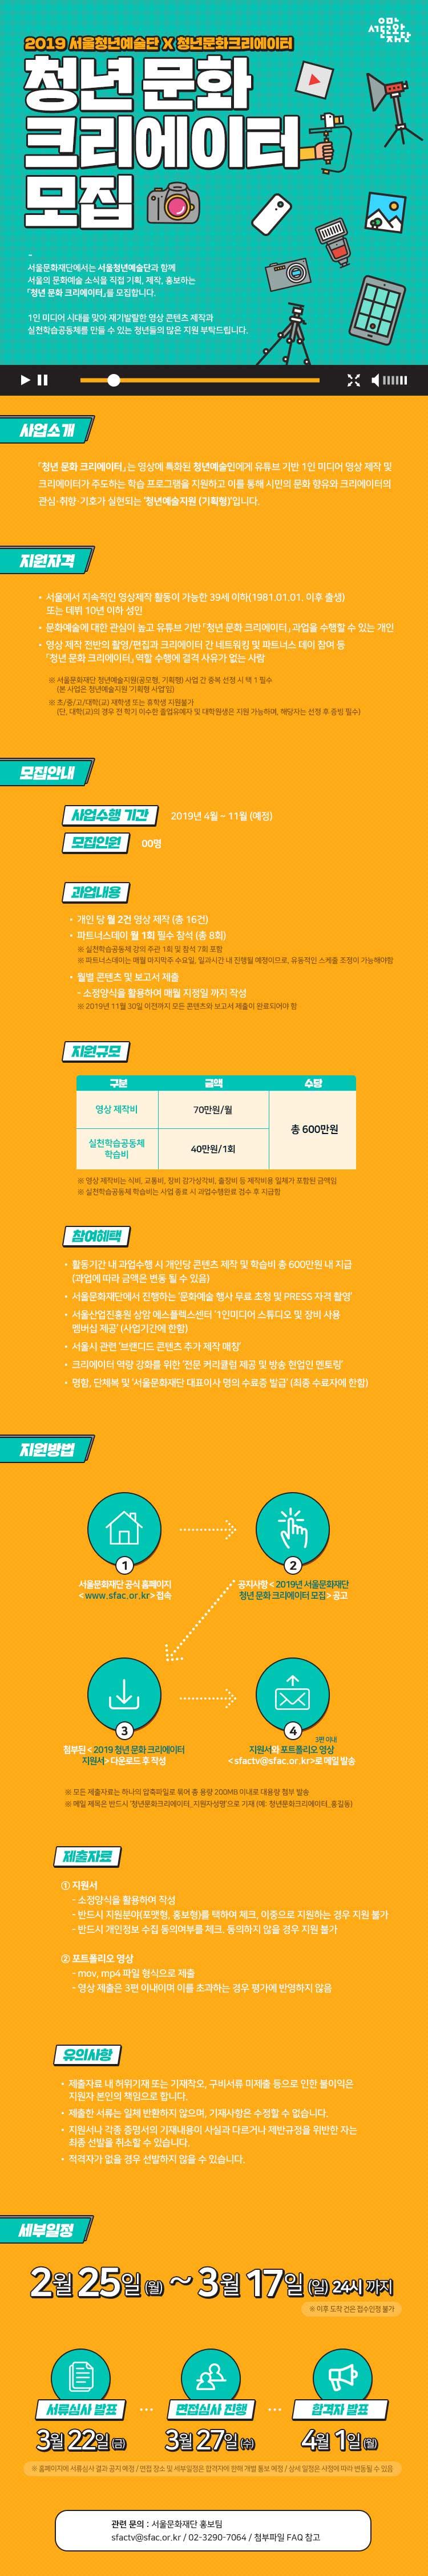 2019년 서울문화재단 <br>「청년 문화 크리에이터」